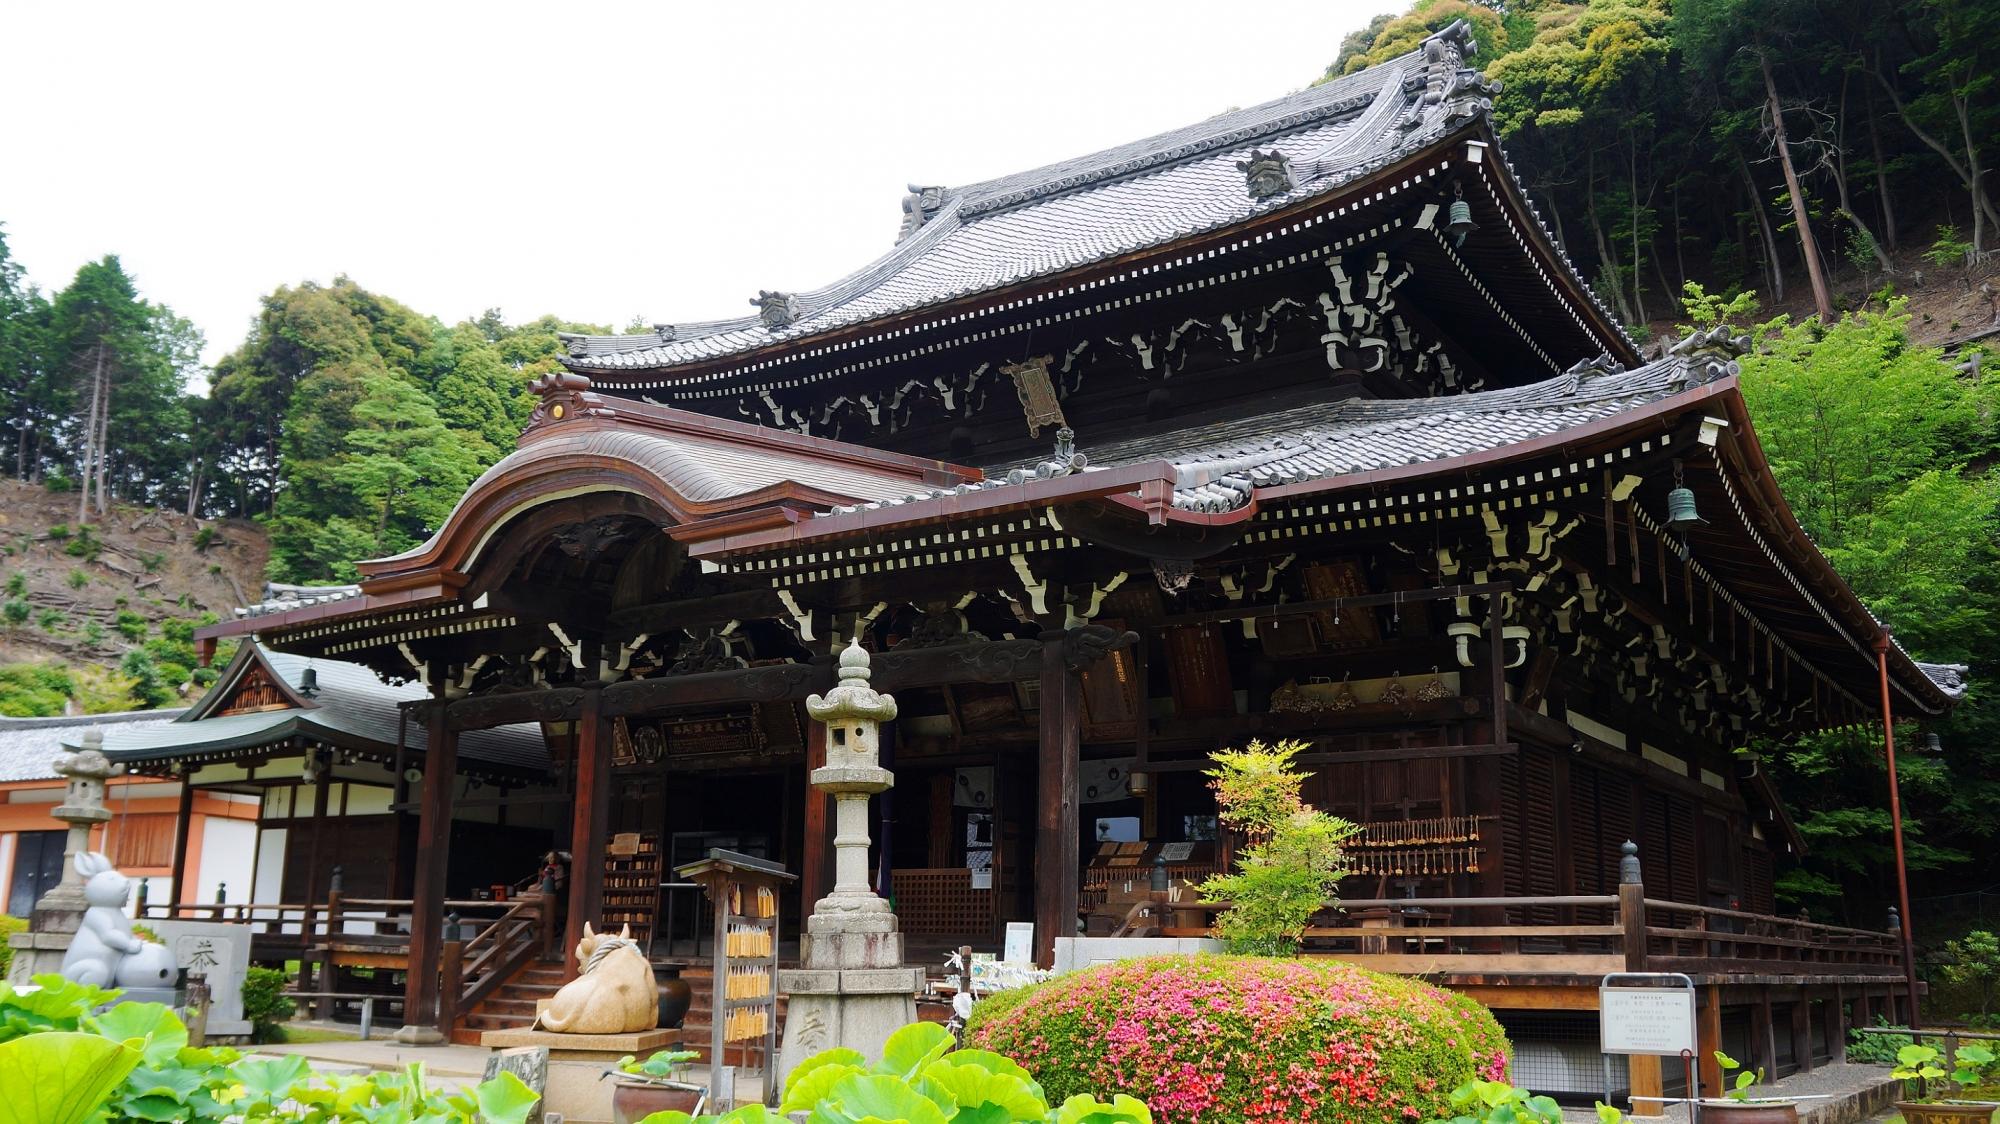 三室戸寺の本堂と残るサツキの花